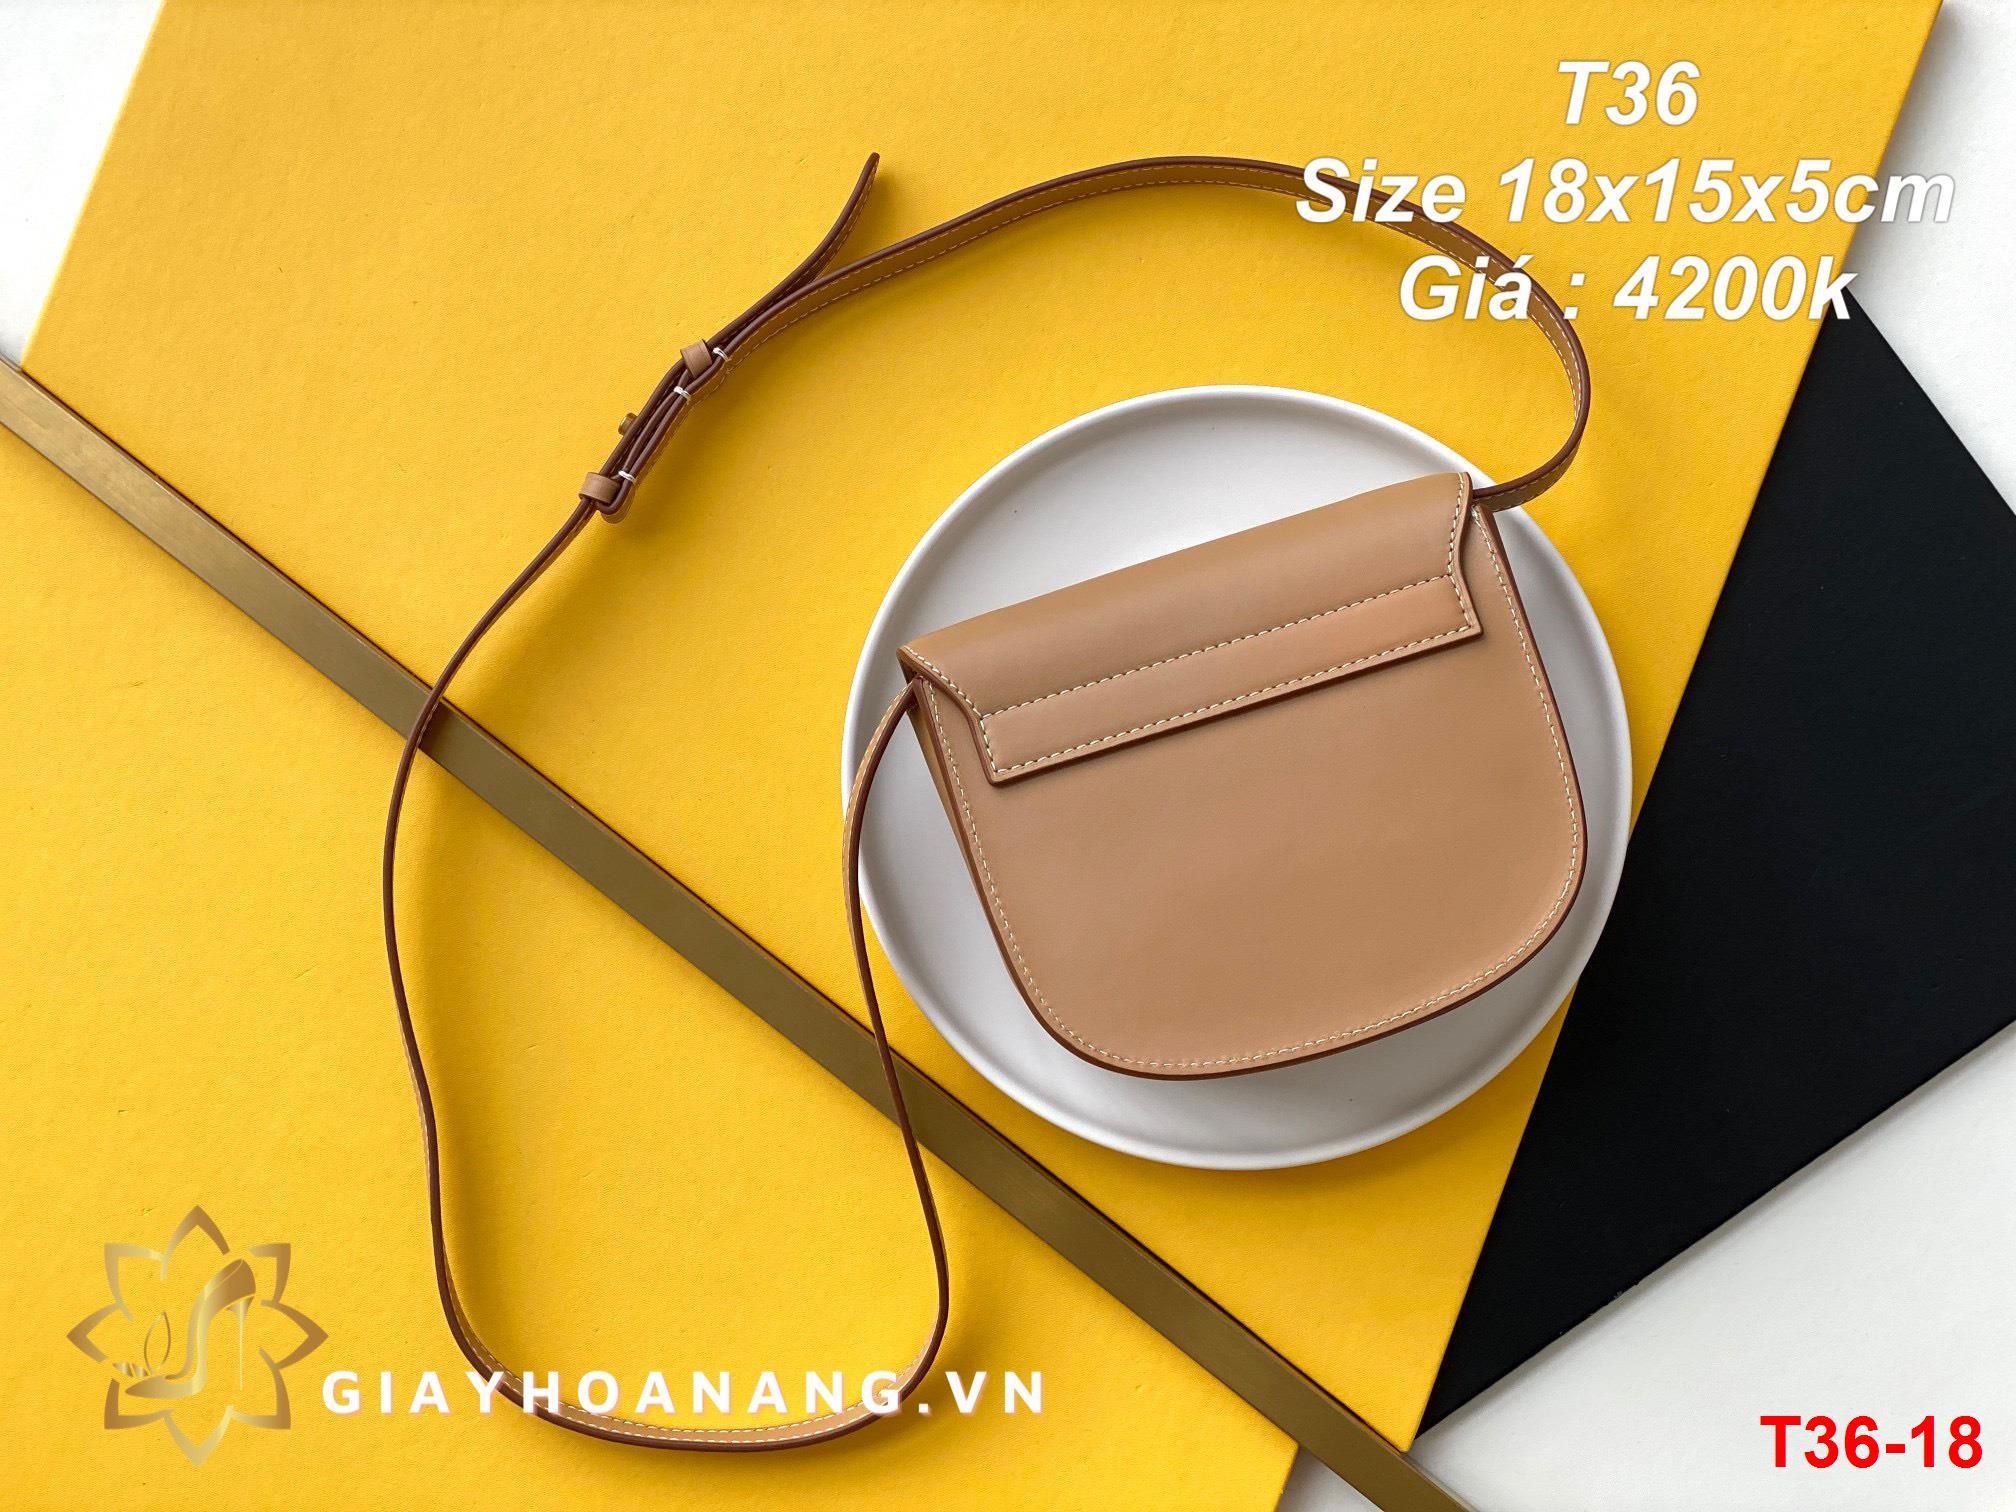 T36-18 Saint Laurent túi size 18cm siêu cấp